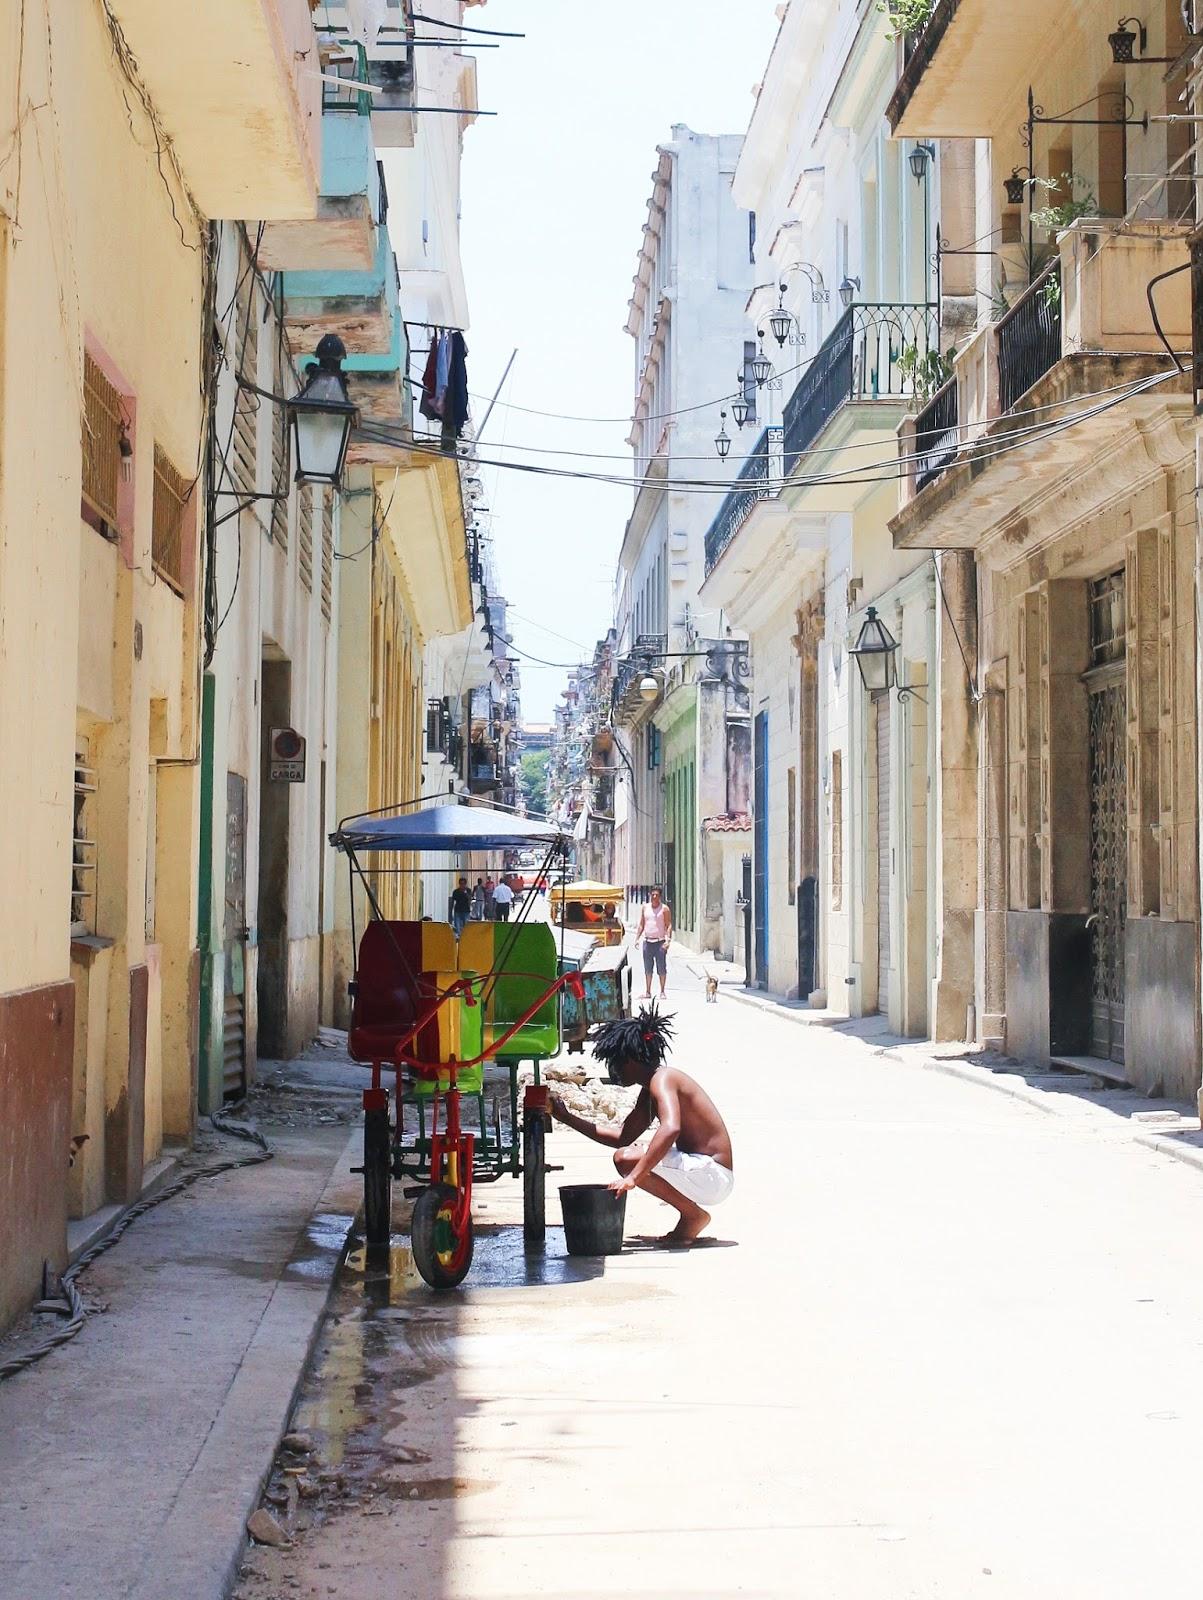 Dans les rues de La Havane - Nettoyage d'un tuk-tuk aux couleurs de la Jamaïque